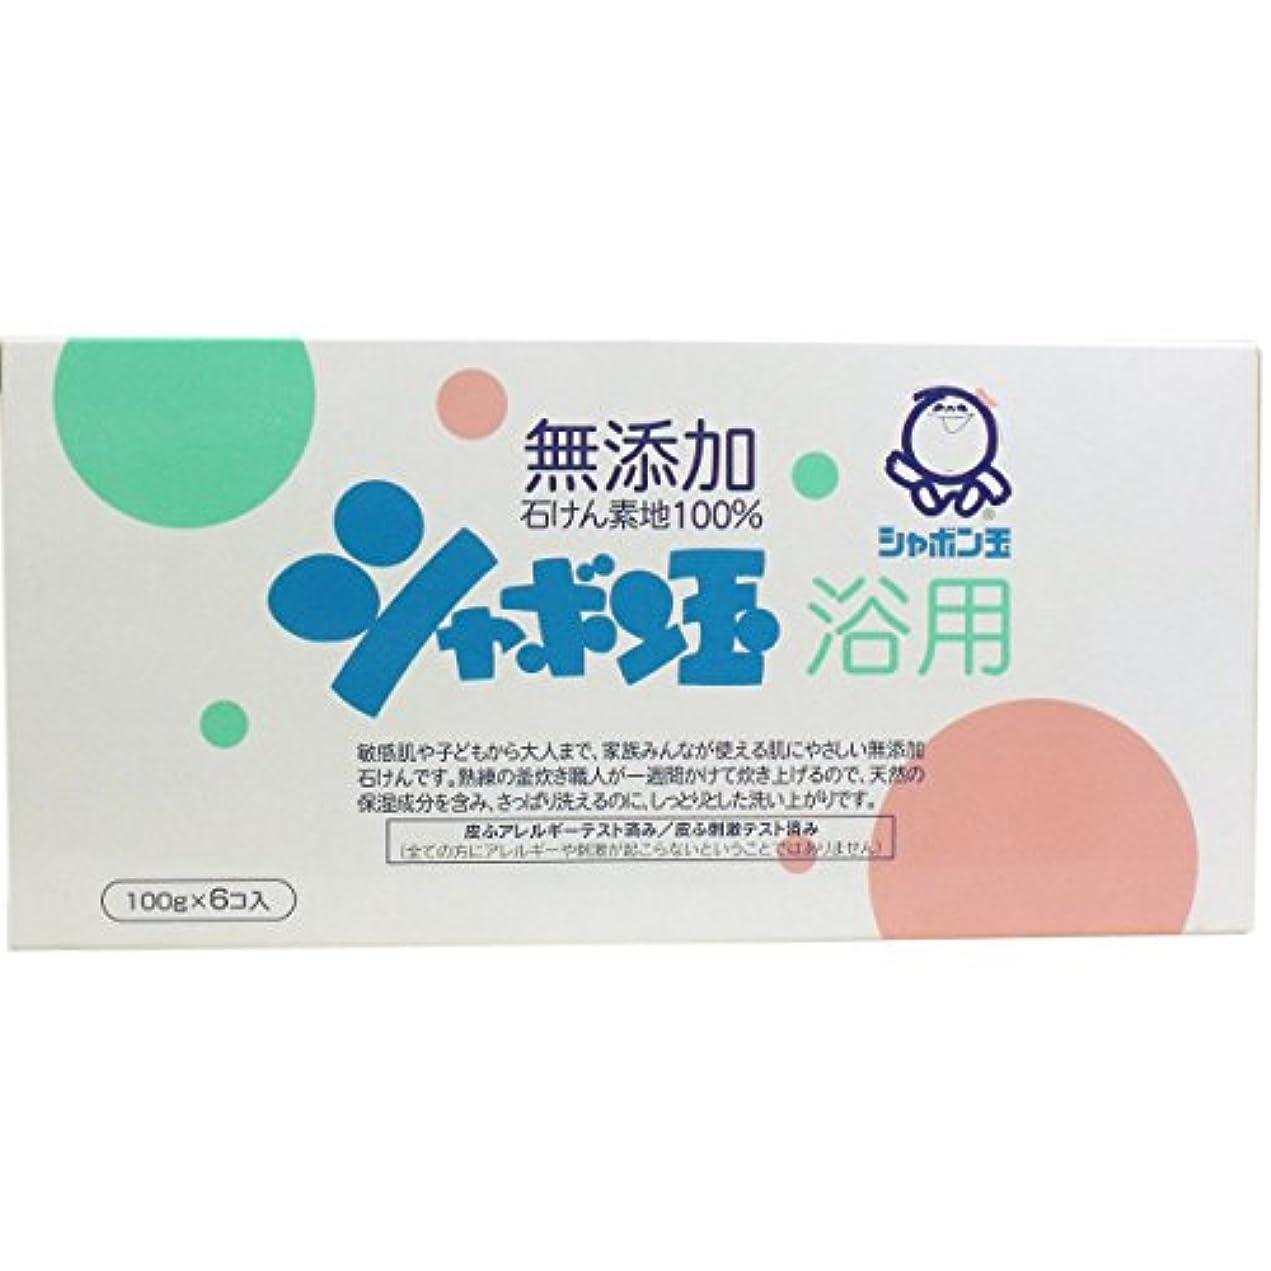 カップダニ液体【セット品】化粧石けんシャボン玉浴用 6P 100G×3セット